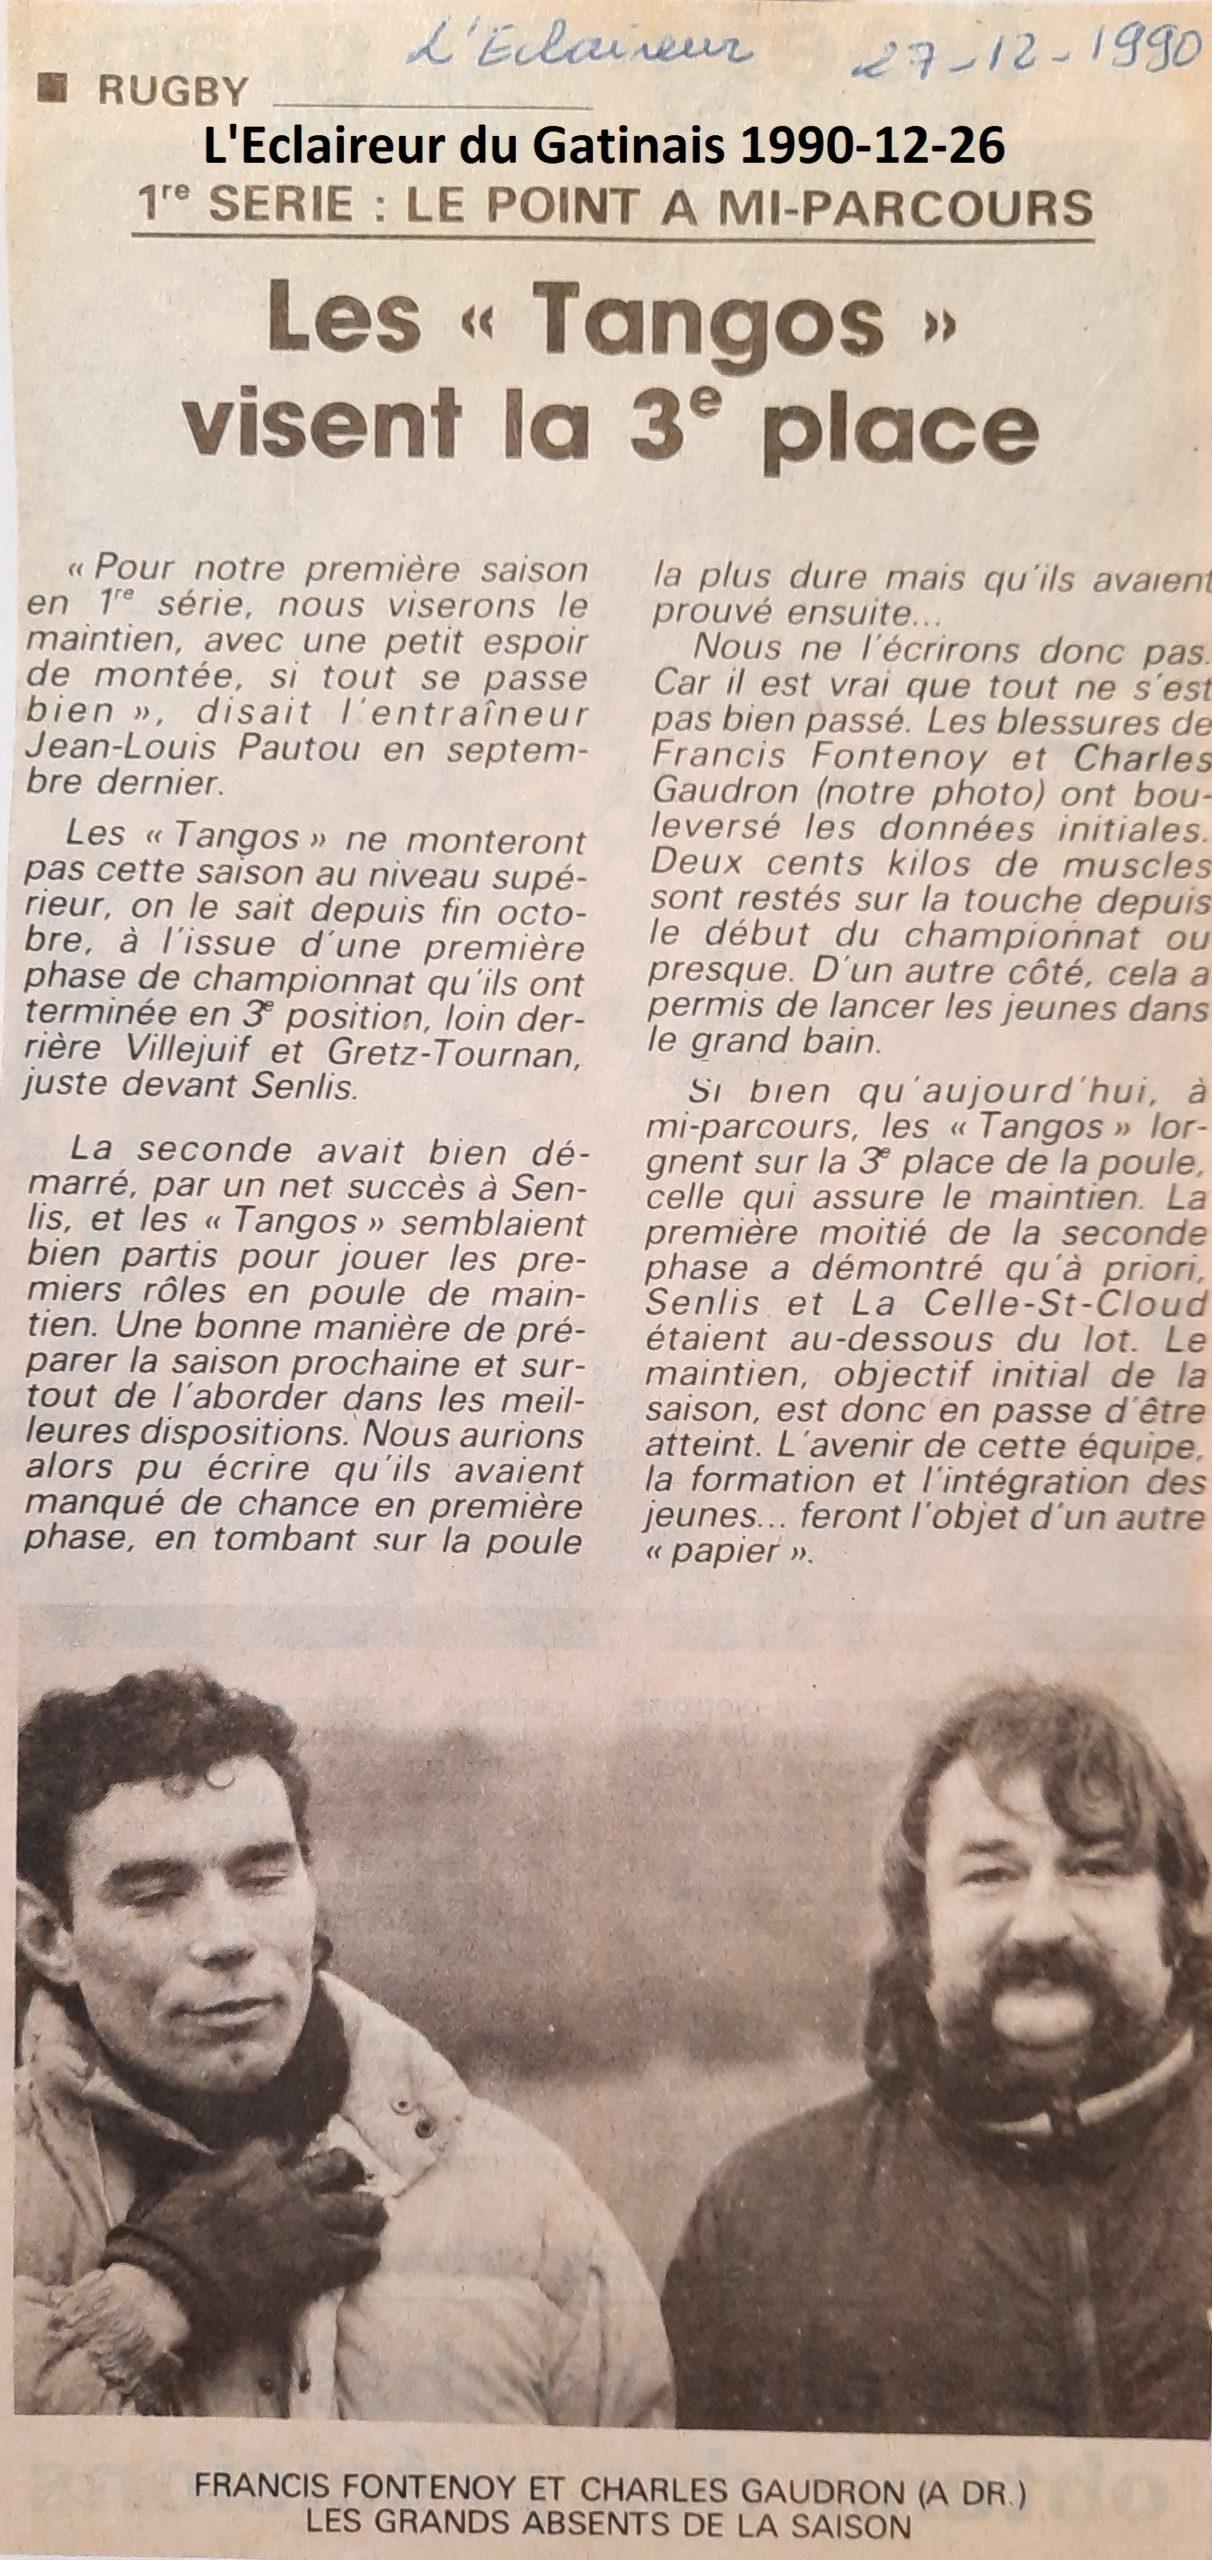 Eclaireur du Gâtinais 1990-12-26